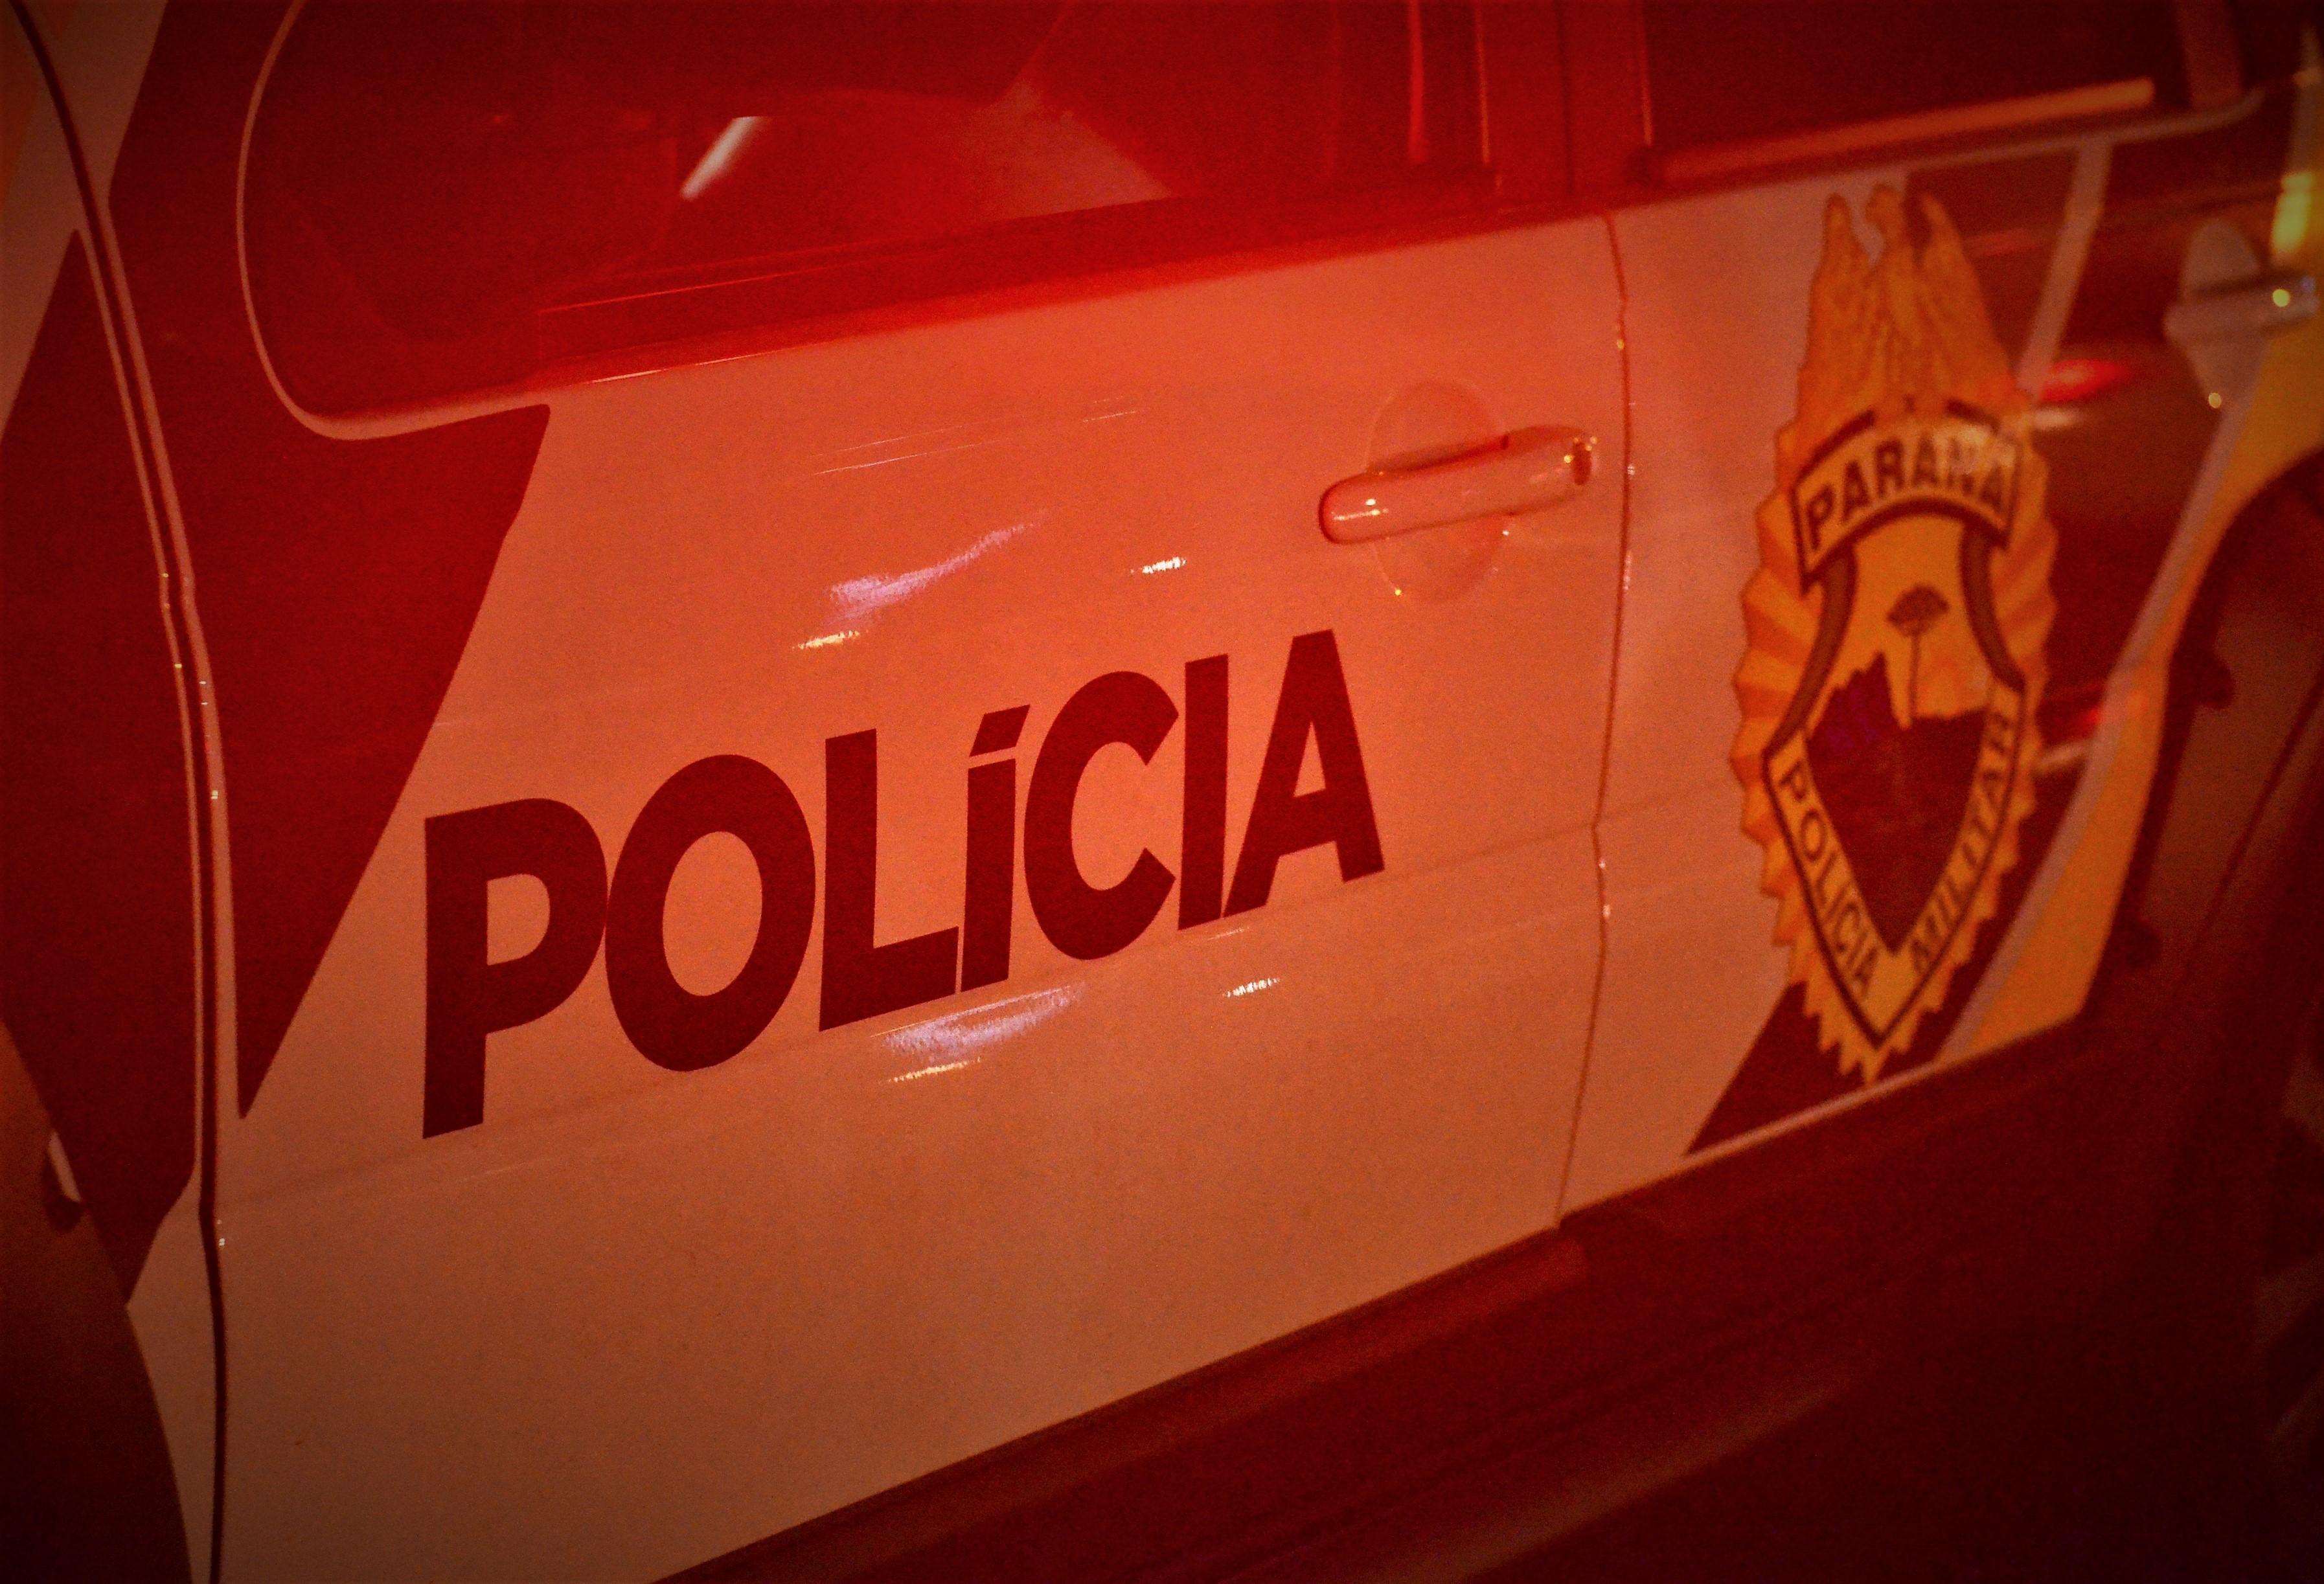 Motociclista é detido após tentar fugir para evitar abordagem policial